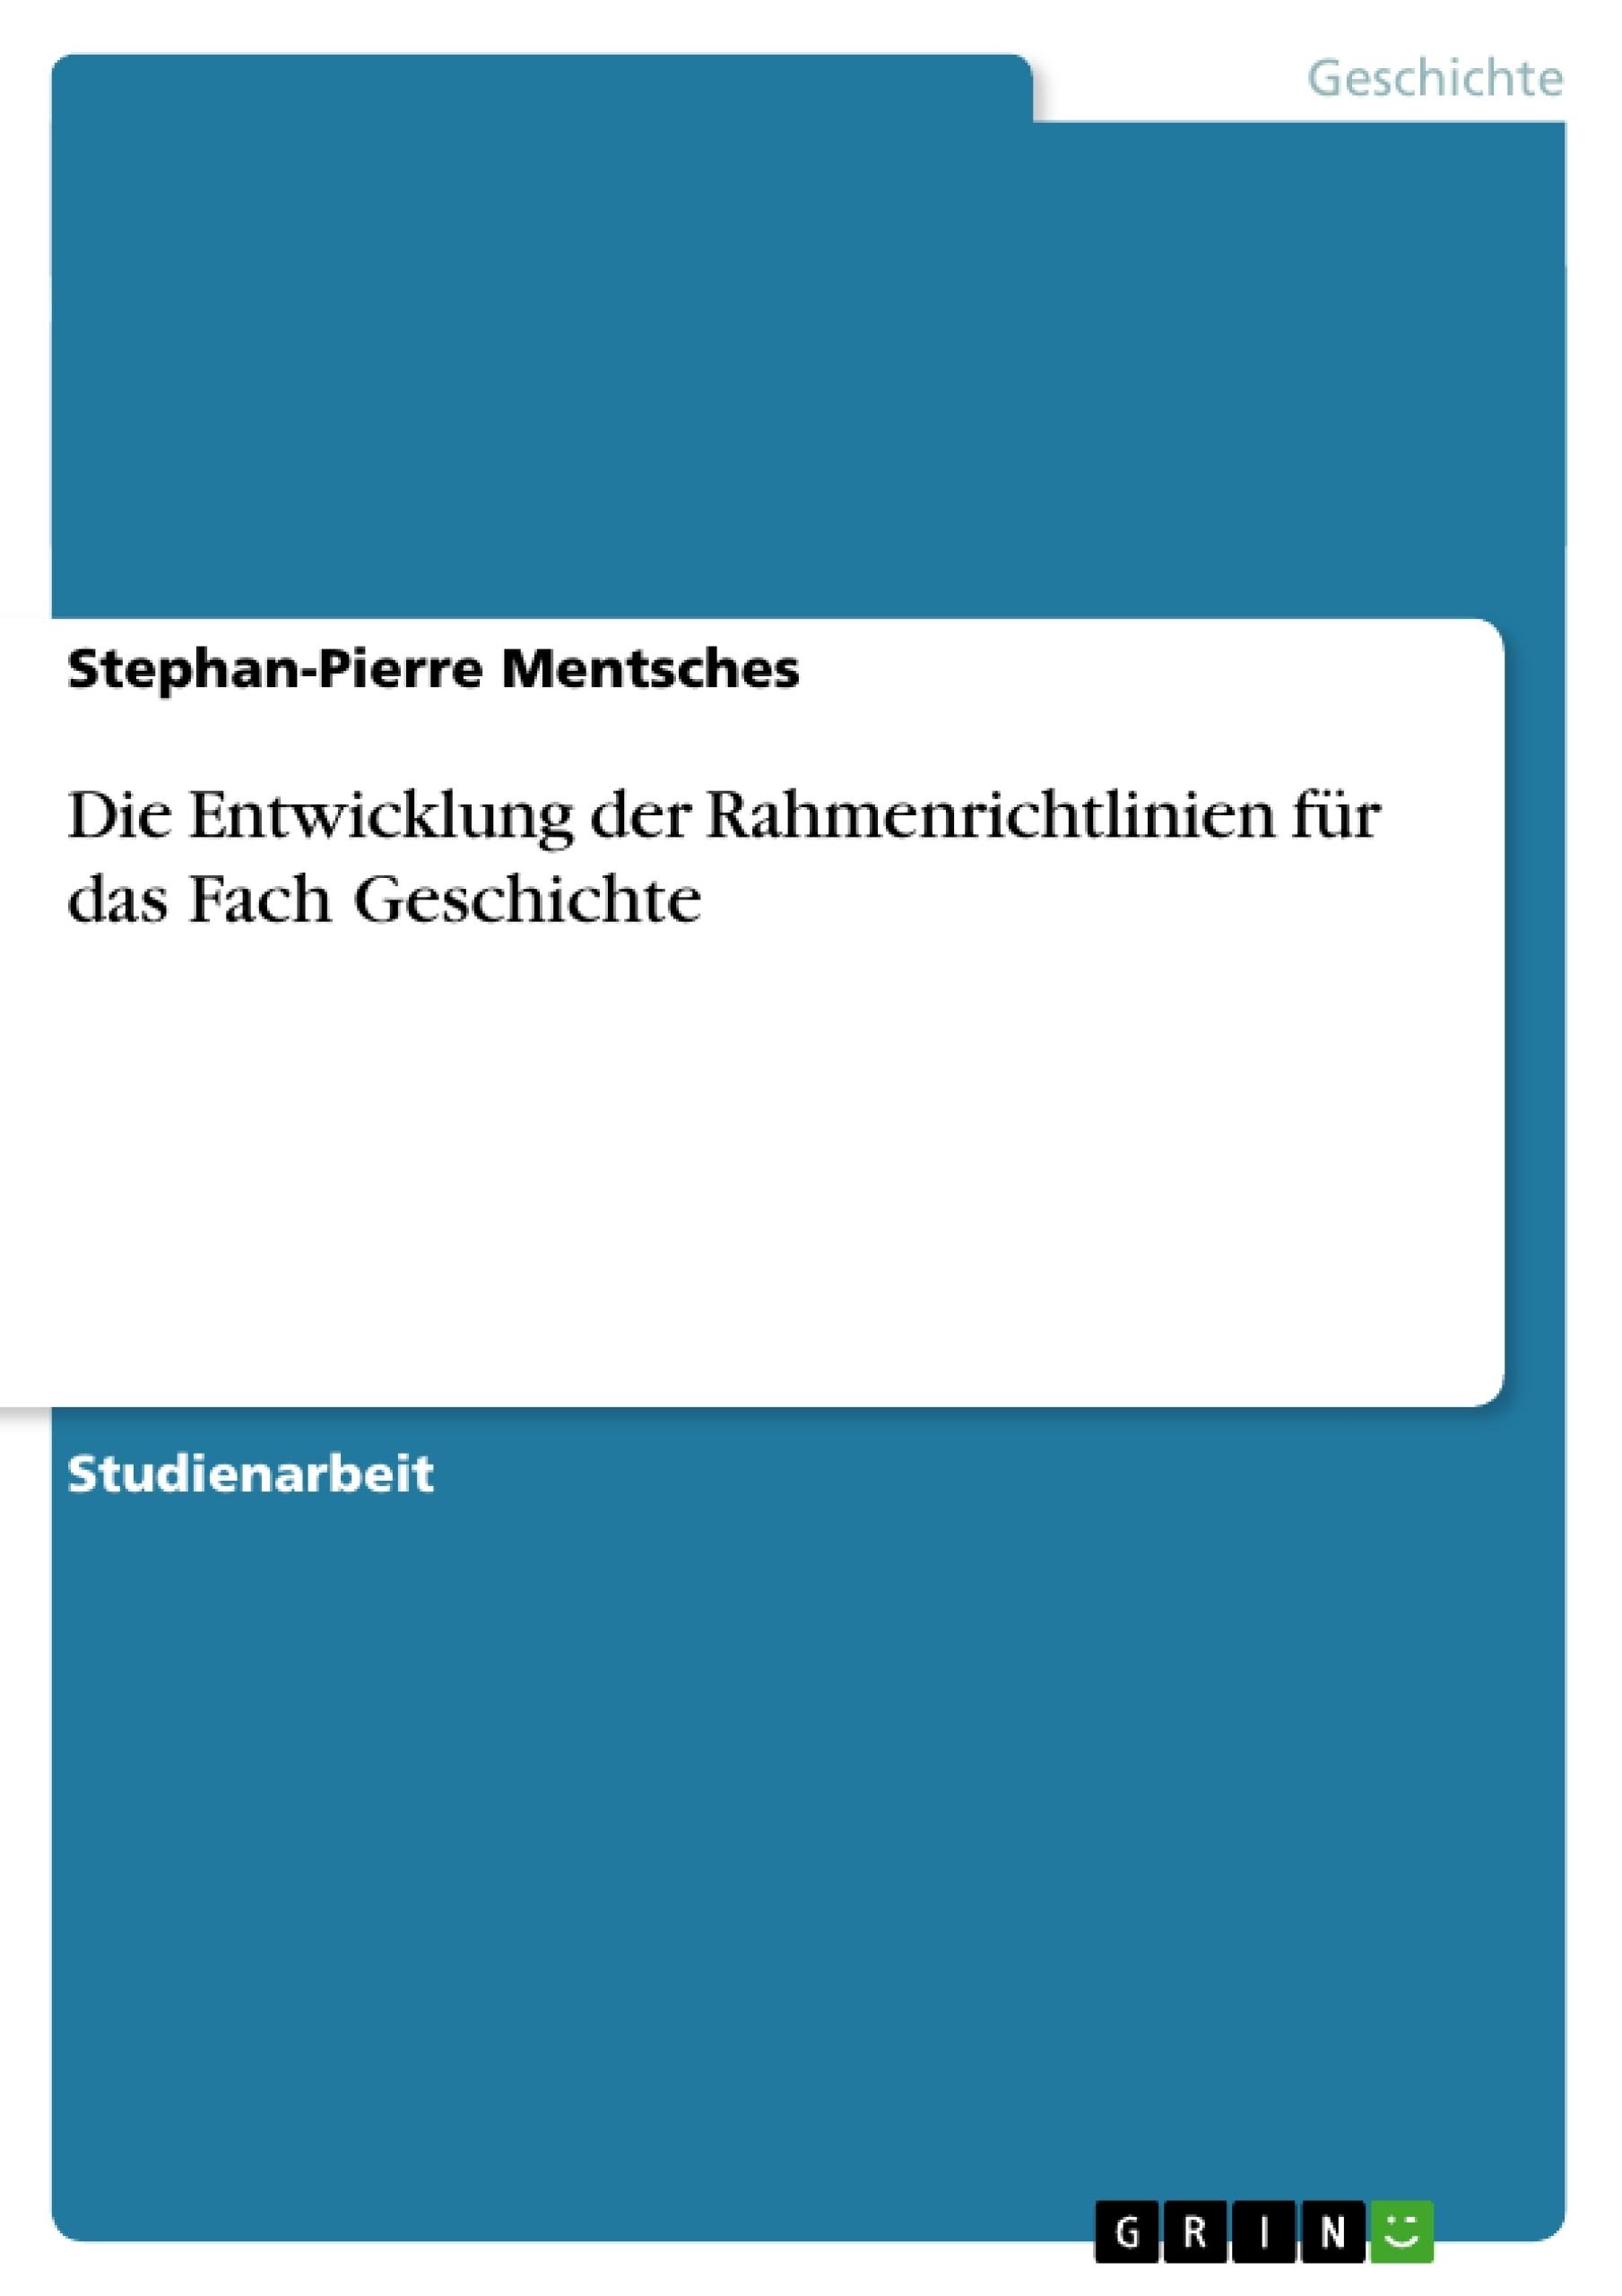 Titel: Die Entwicklung der Rahmenrichtlinien für das Fach Geschichte